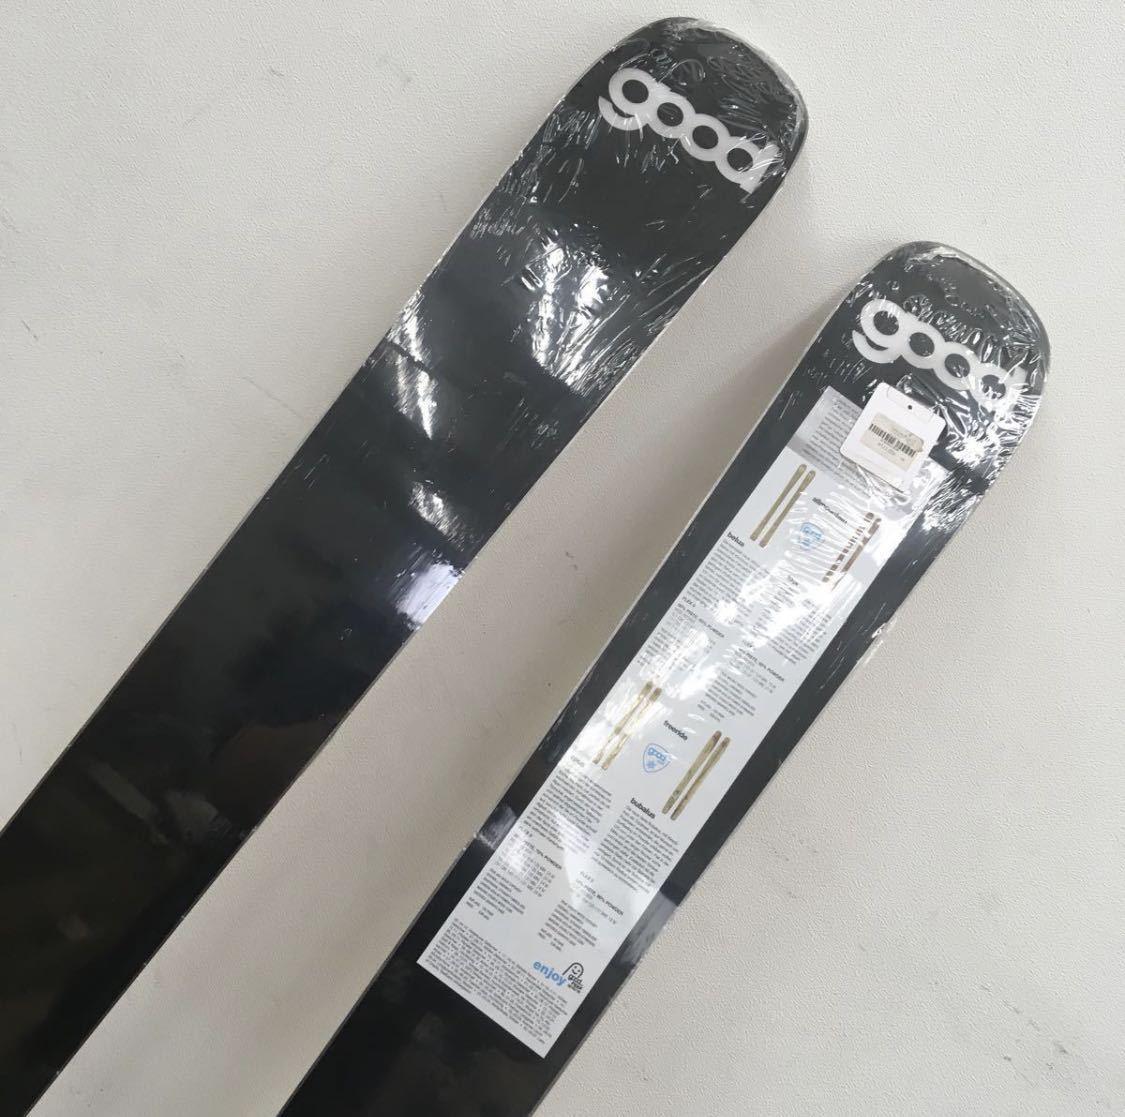 新品限定品 Goodschi apus 183cm143-111-131 無垢材ハンドクラフト! ノーズロッカー テレマーク 山スキー バックカントリー カーボン仕様_画像4